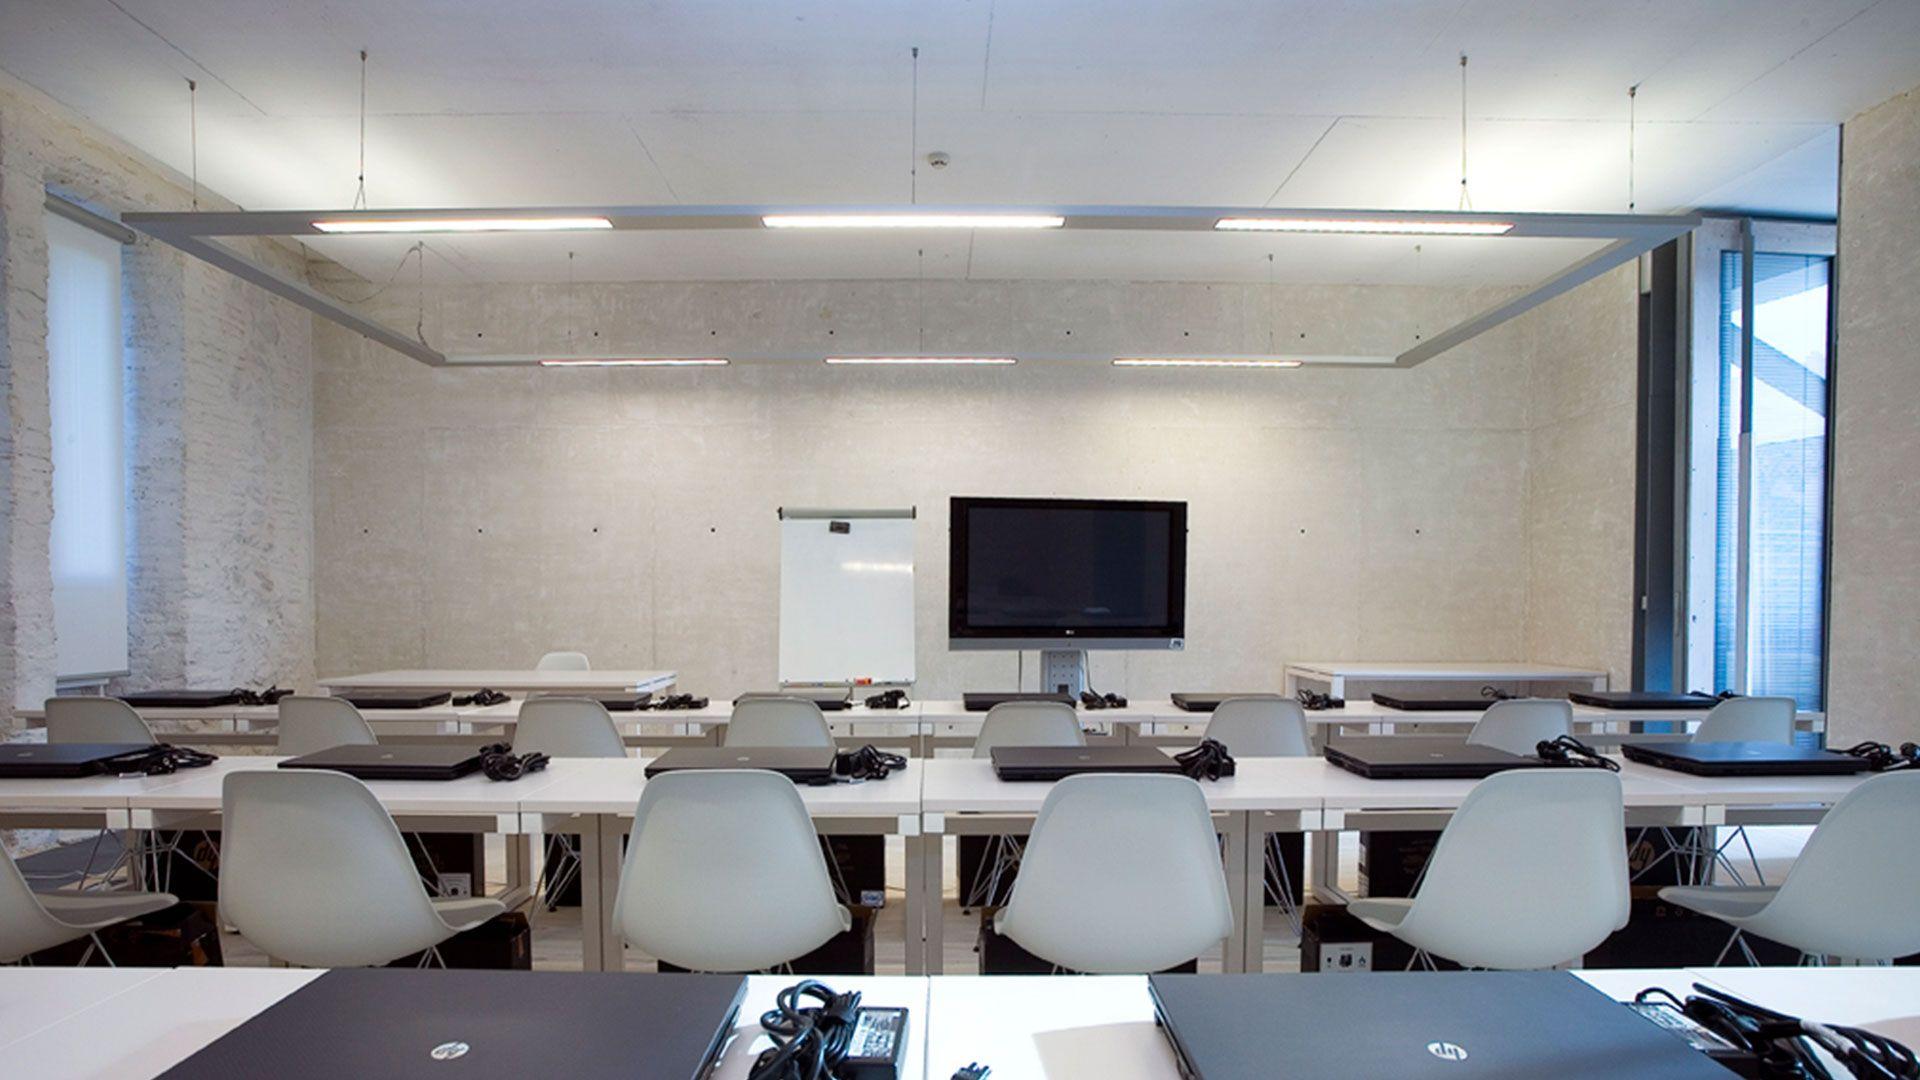 instalaciones ciese centro universitario comillas 3